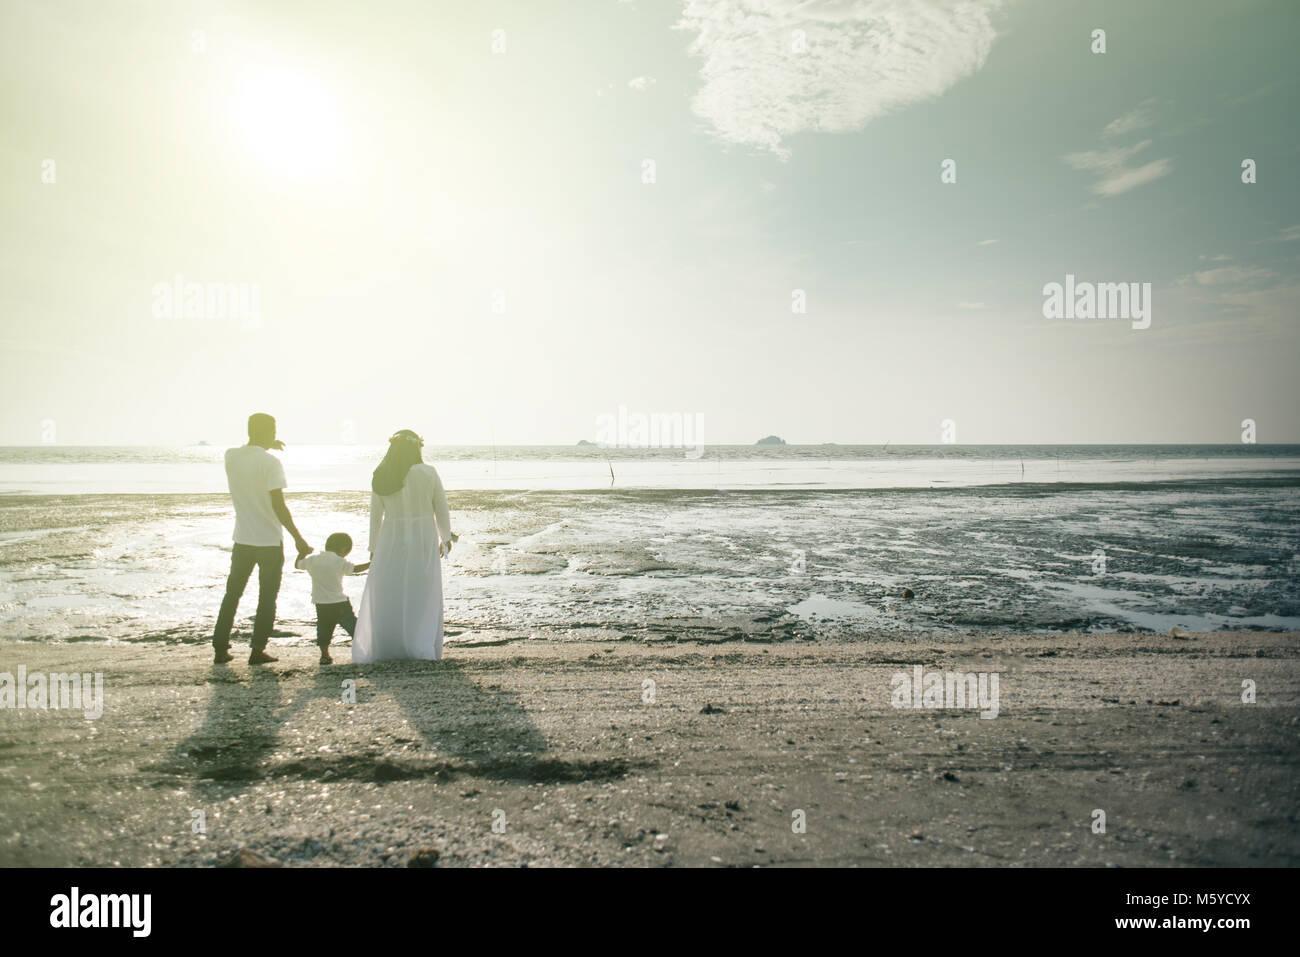 Una familia tiene una agradable vista de la puesta de sol en la playa. relación familiar concepto de pegado. Imagen De Stock